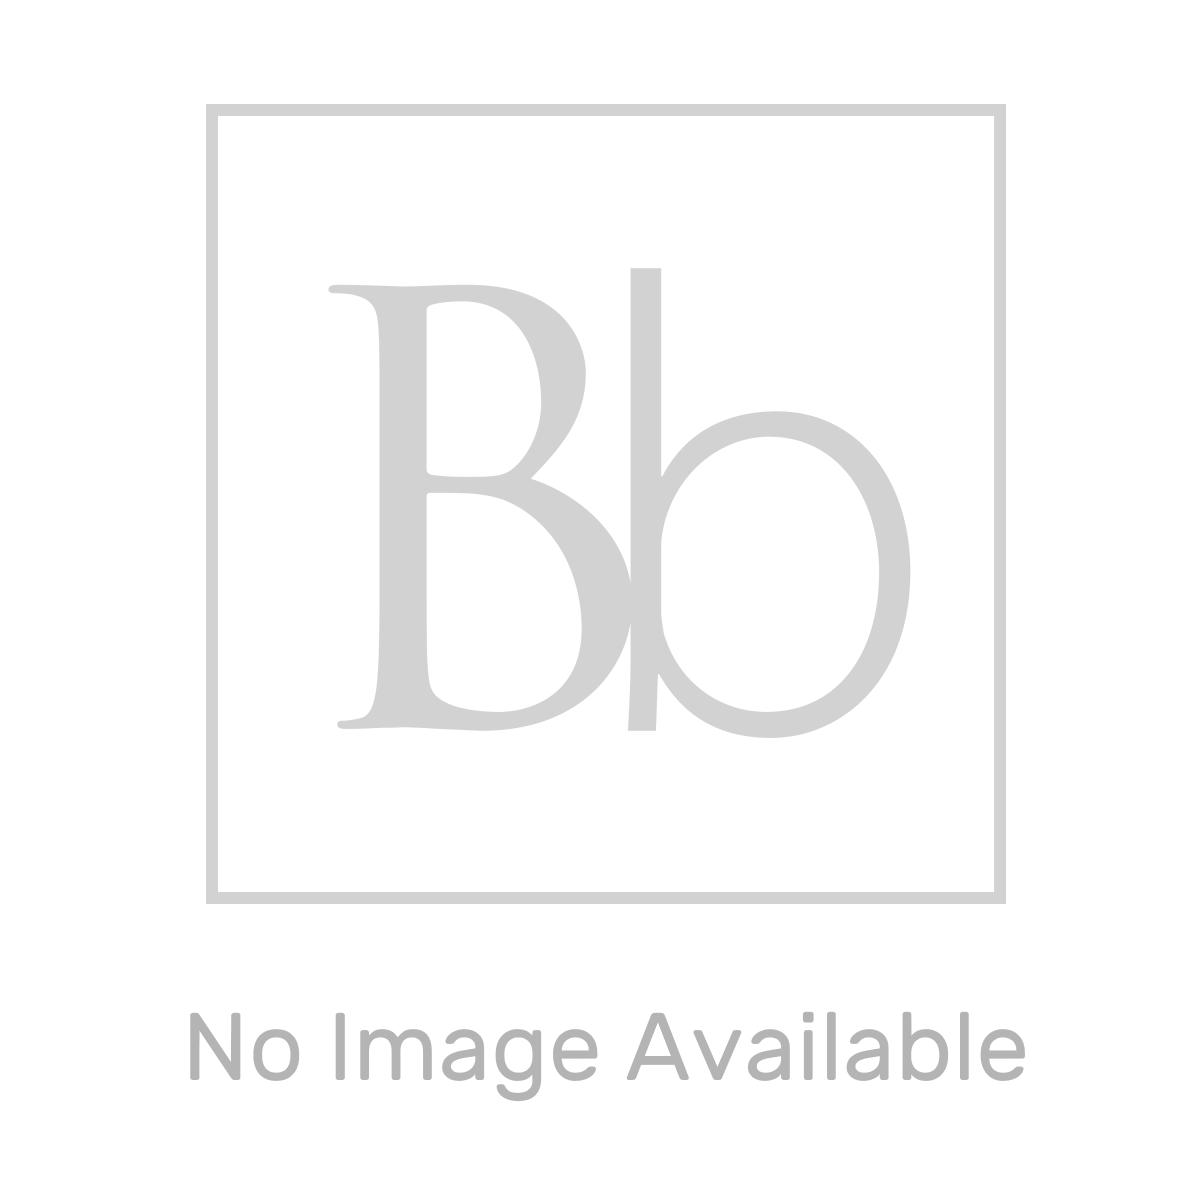 Burlington Blenheim Freestanding Slipper Bath 1700mm